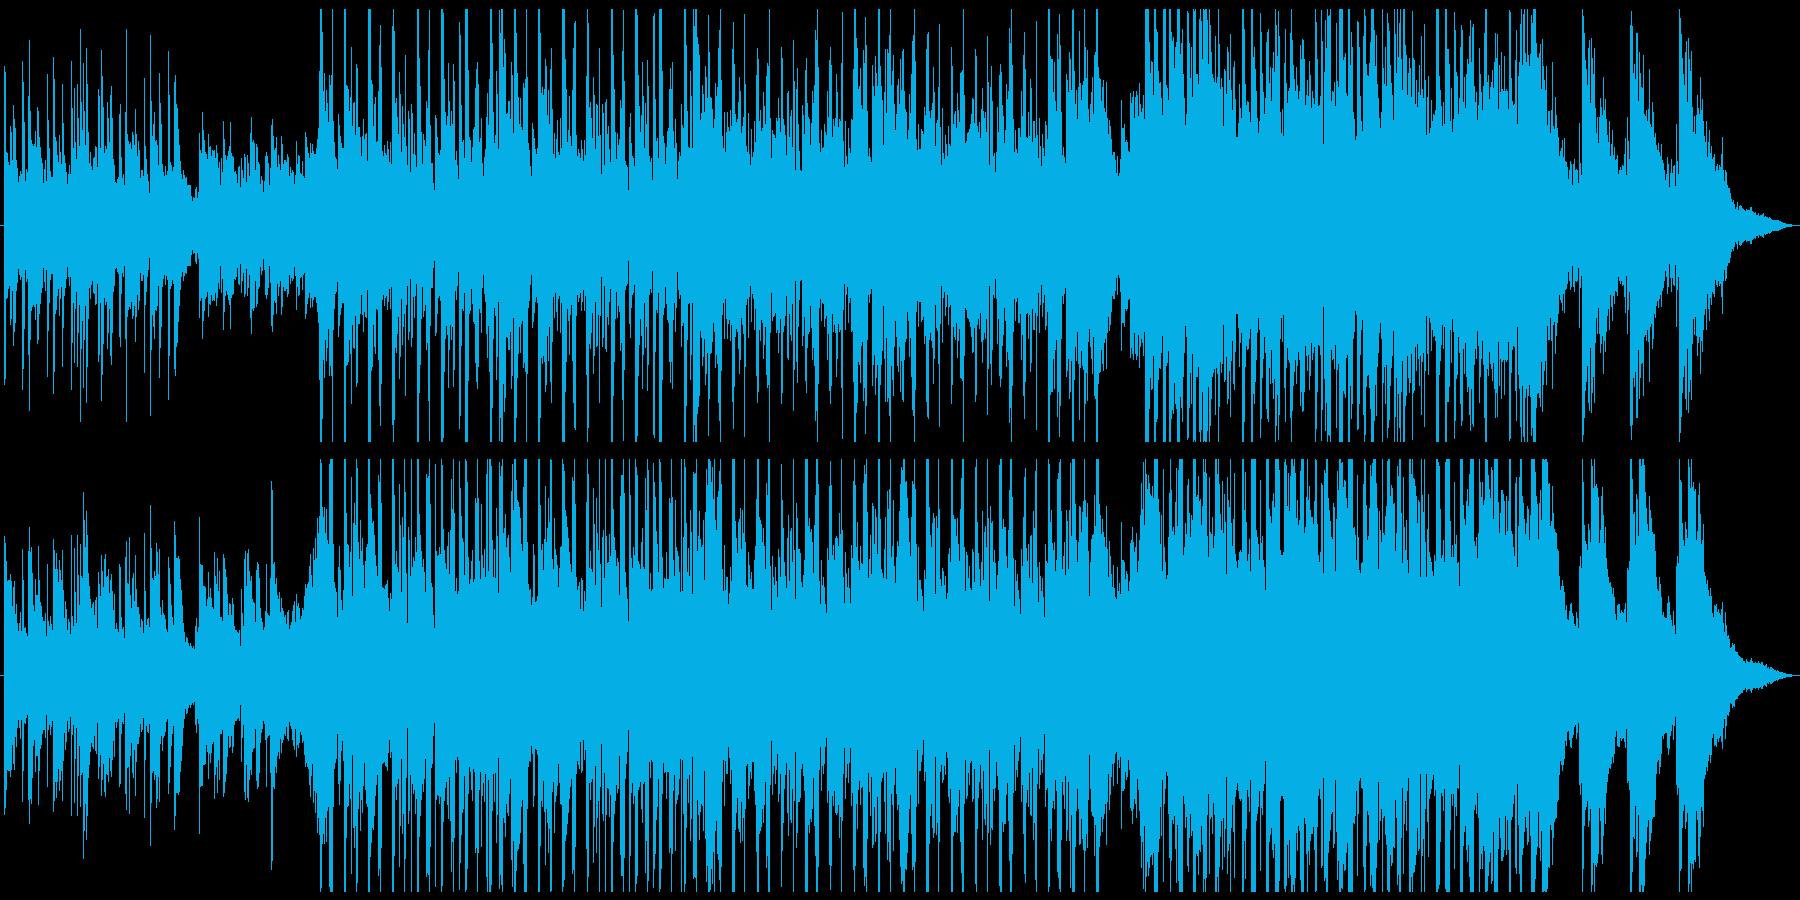 ピアノとギターのキラキラした明るい曲の再生済みの波形